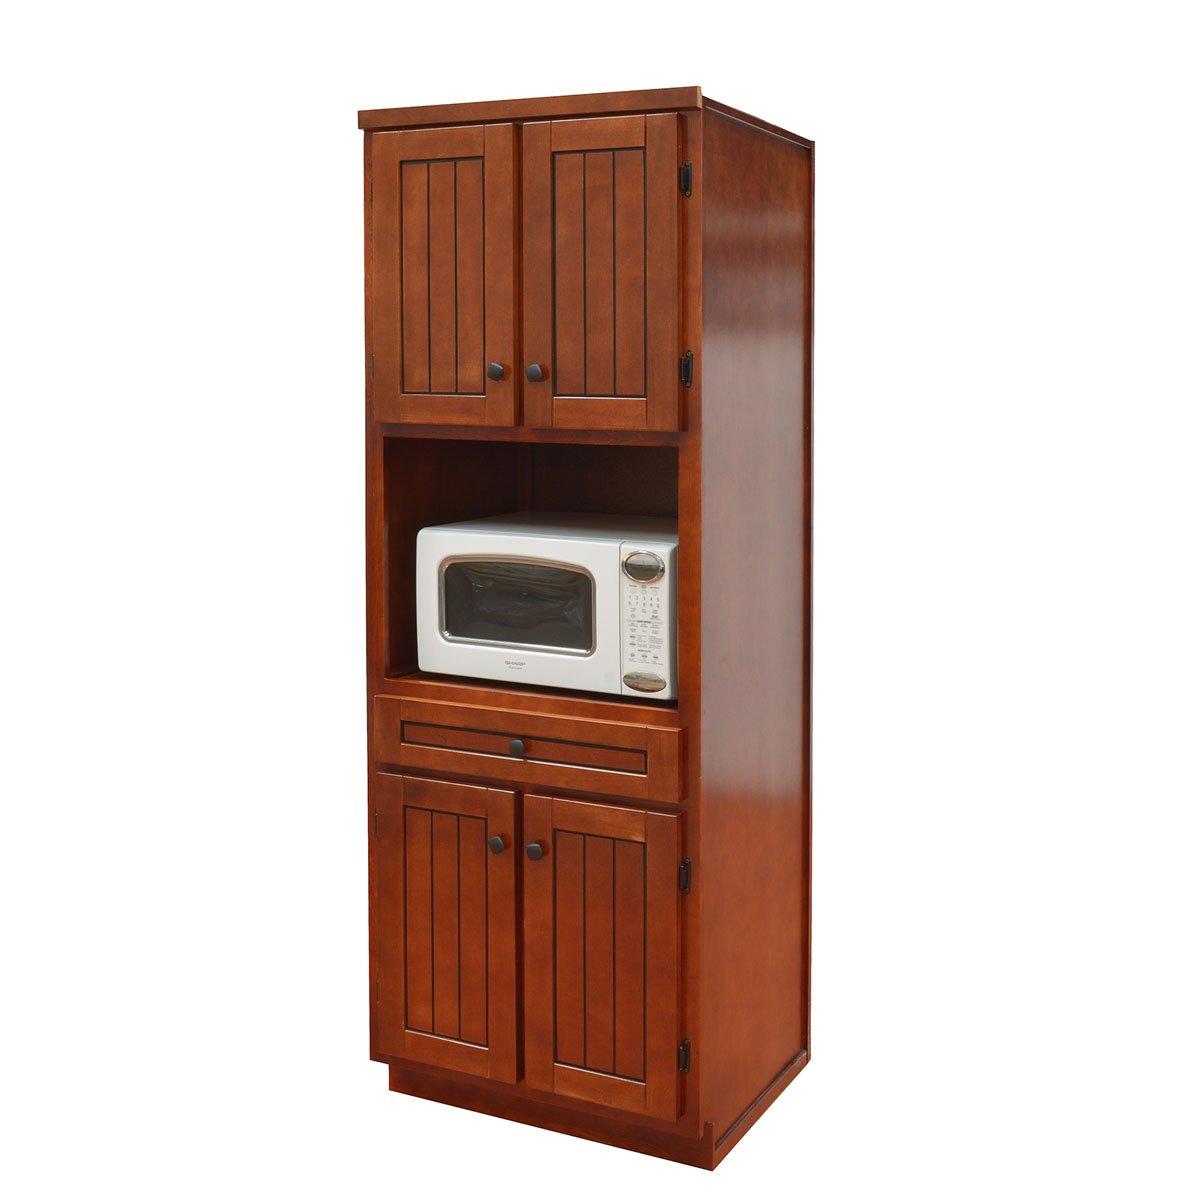 Despensero valencia sears com mx me entiende - Muebles de cocina en valencia ...